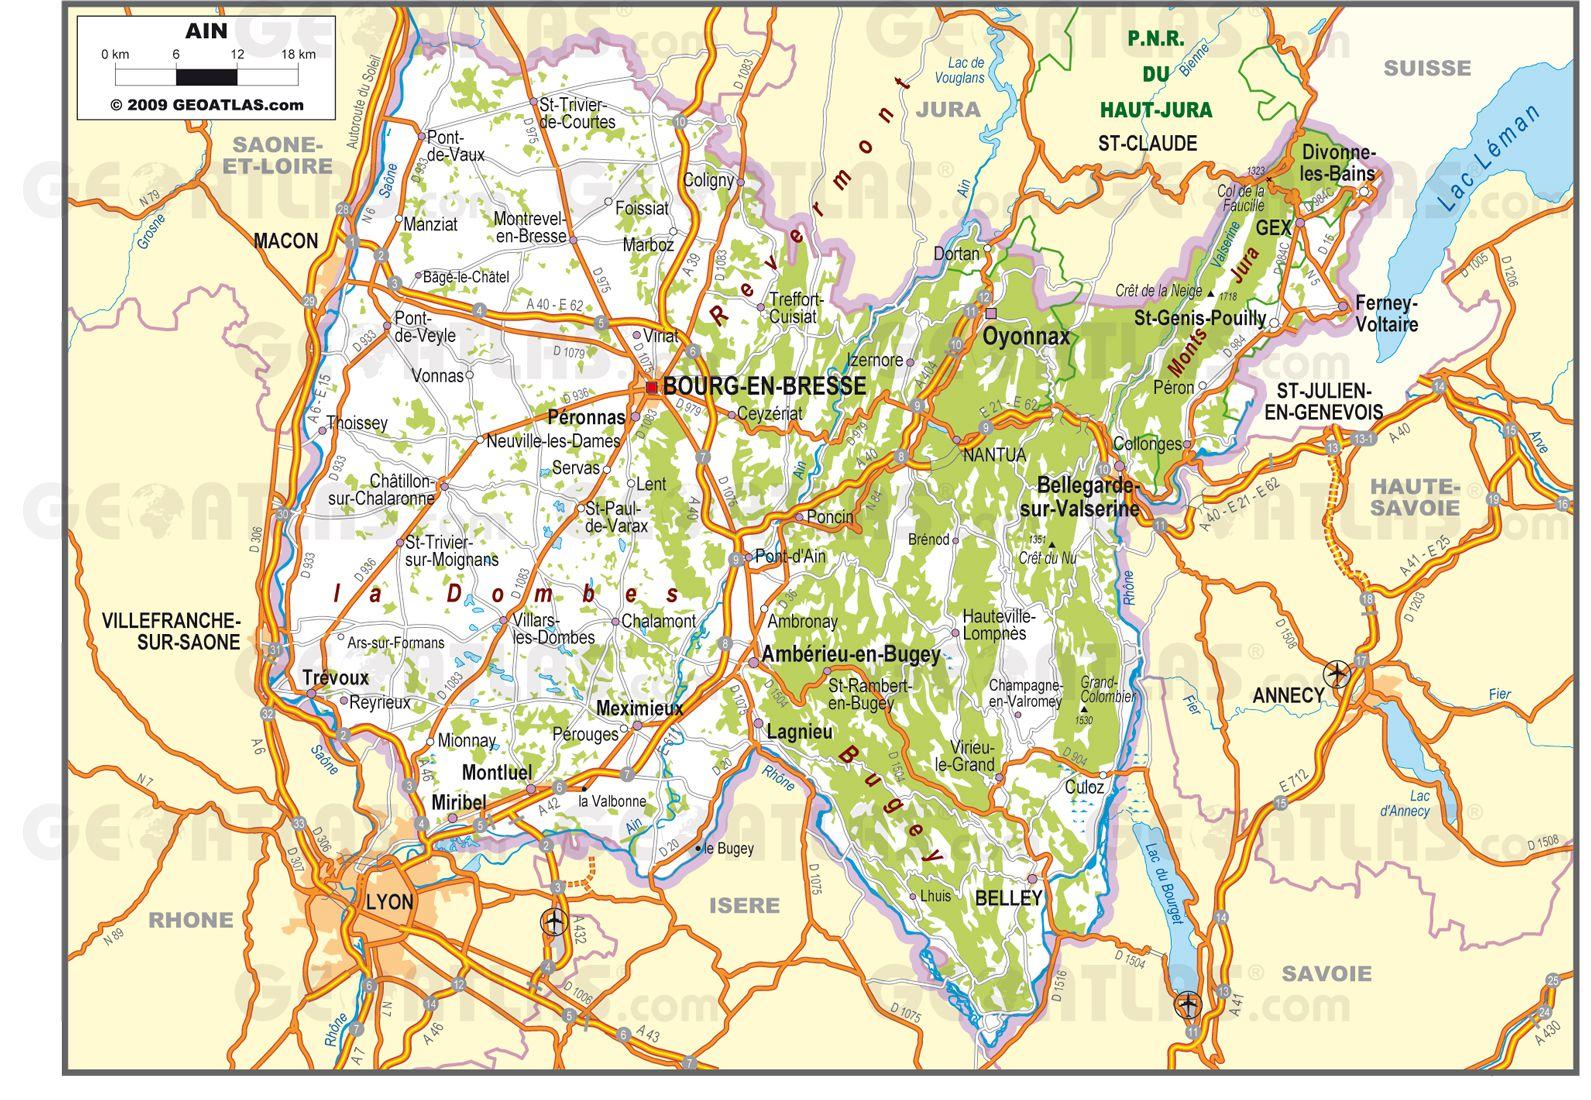 Carte routière de l'Ain